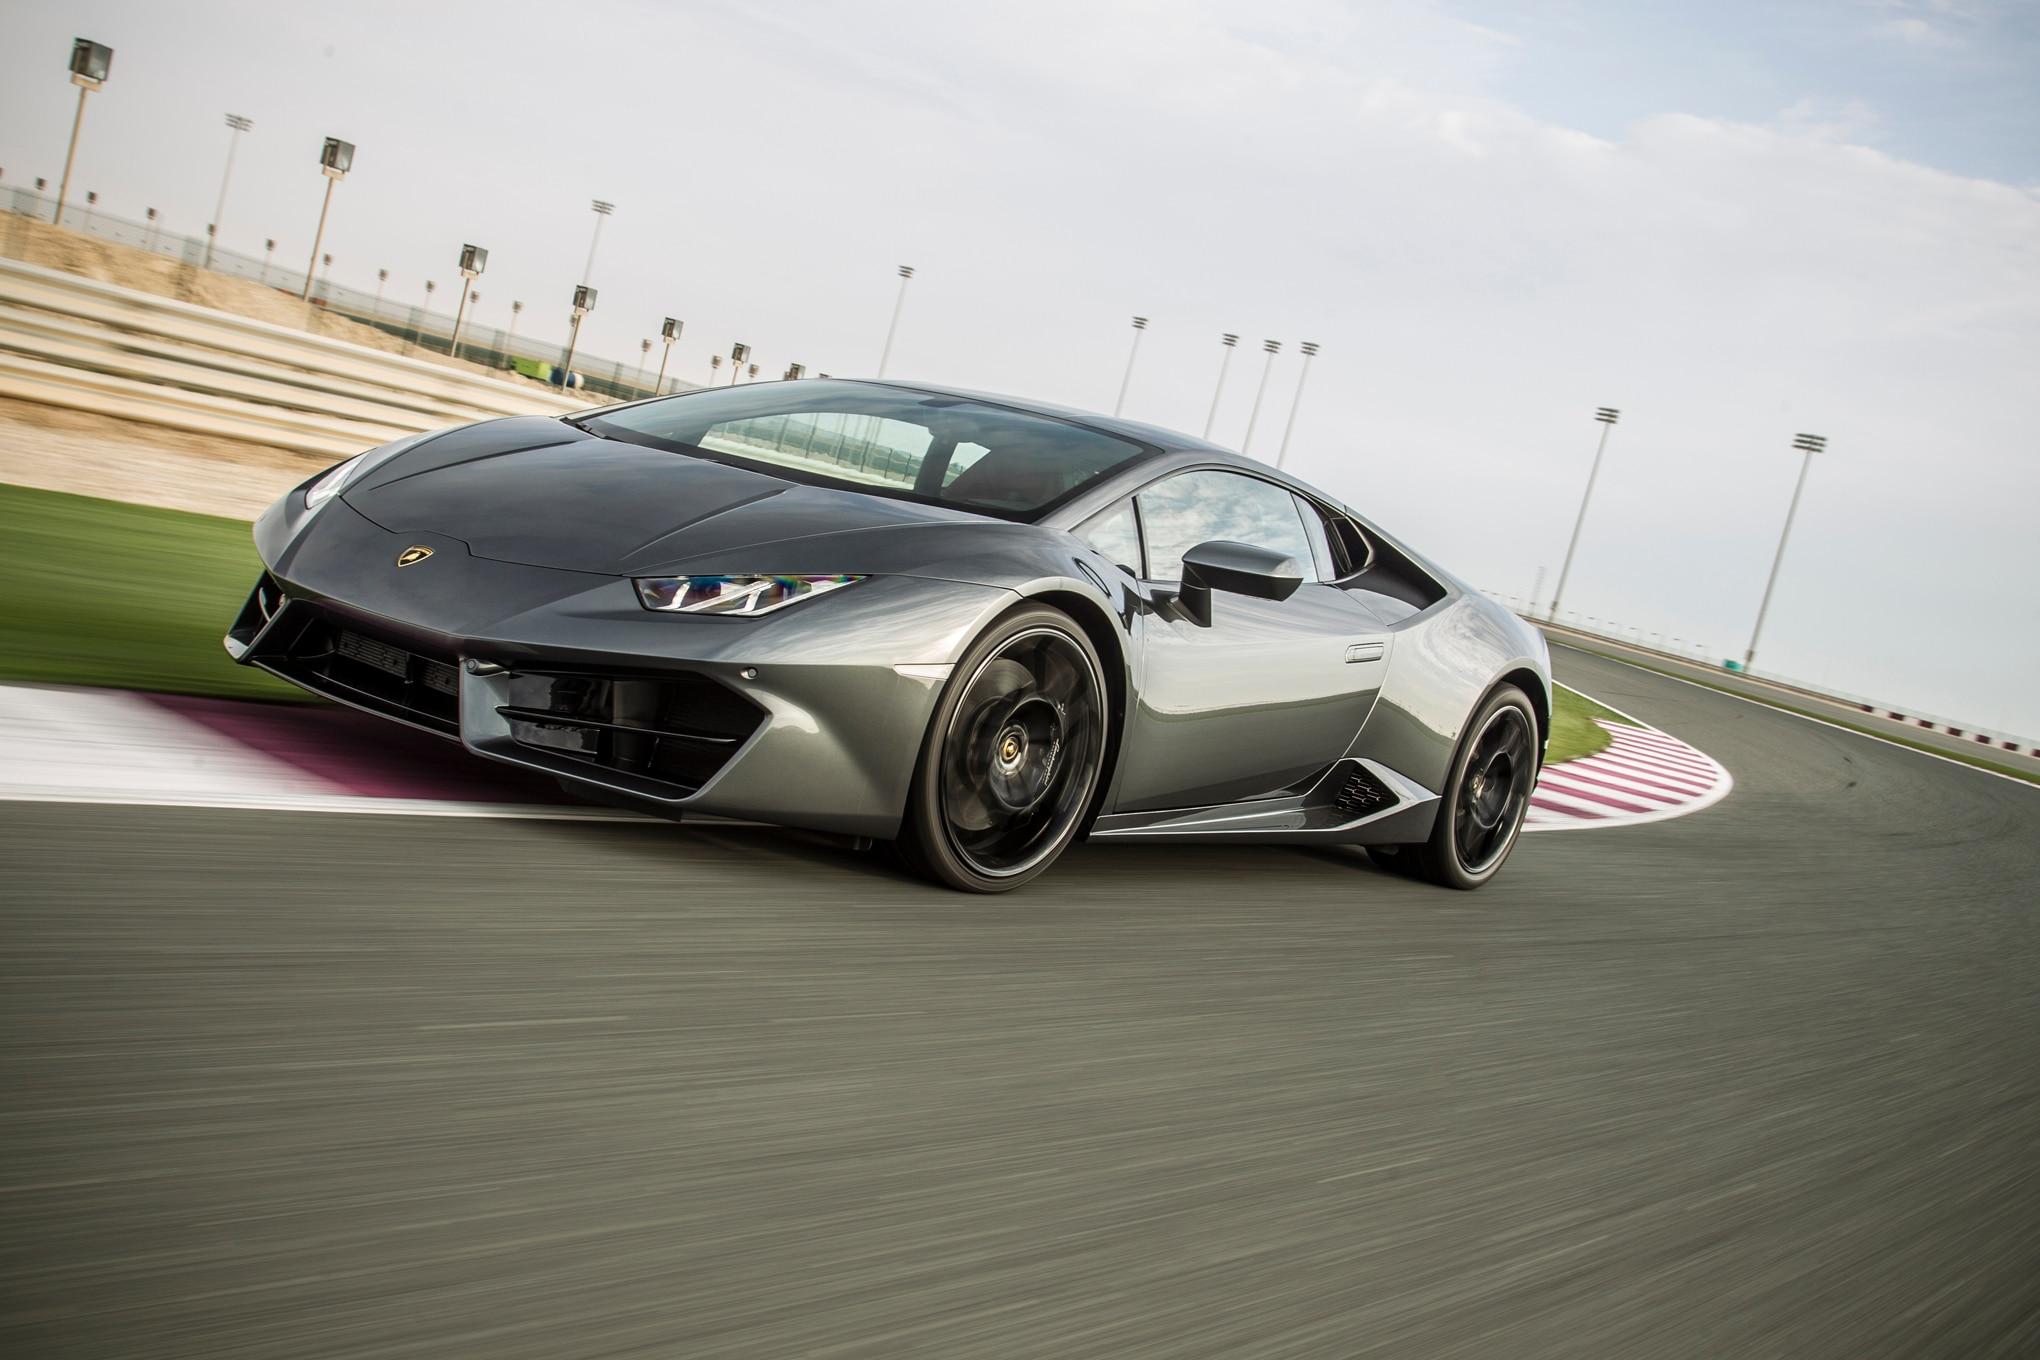 2016-Lamborghini-Huracan-LP580-2-front-three-quarter-in-motion-05 Marvelous Lamborghini Huracan Price In Uae Cars Trend